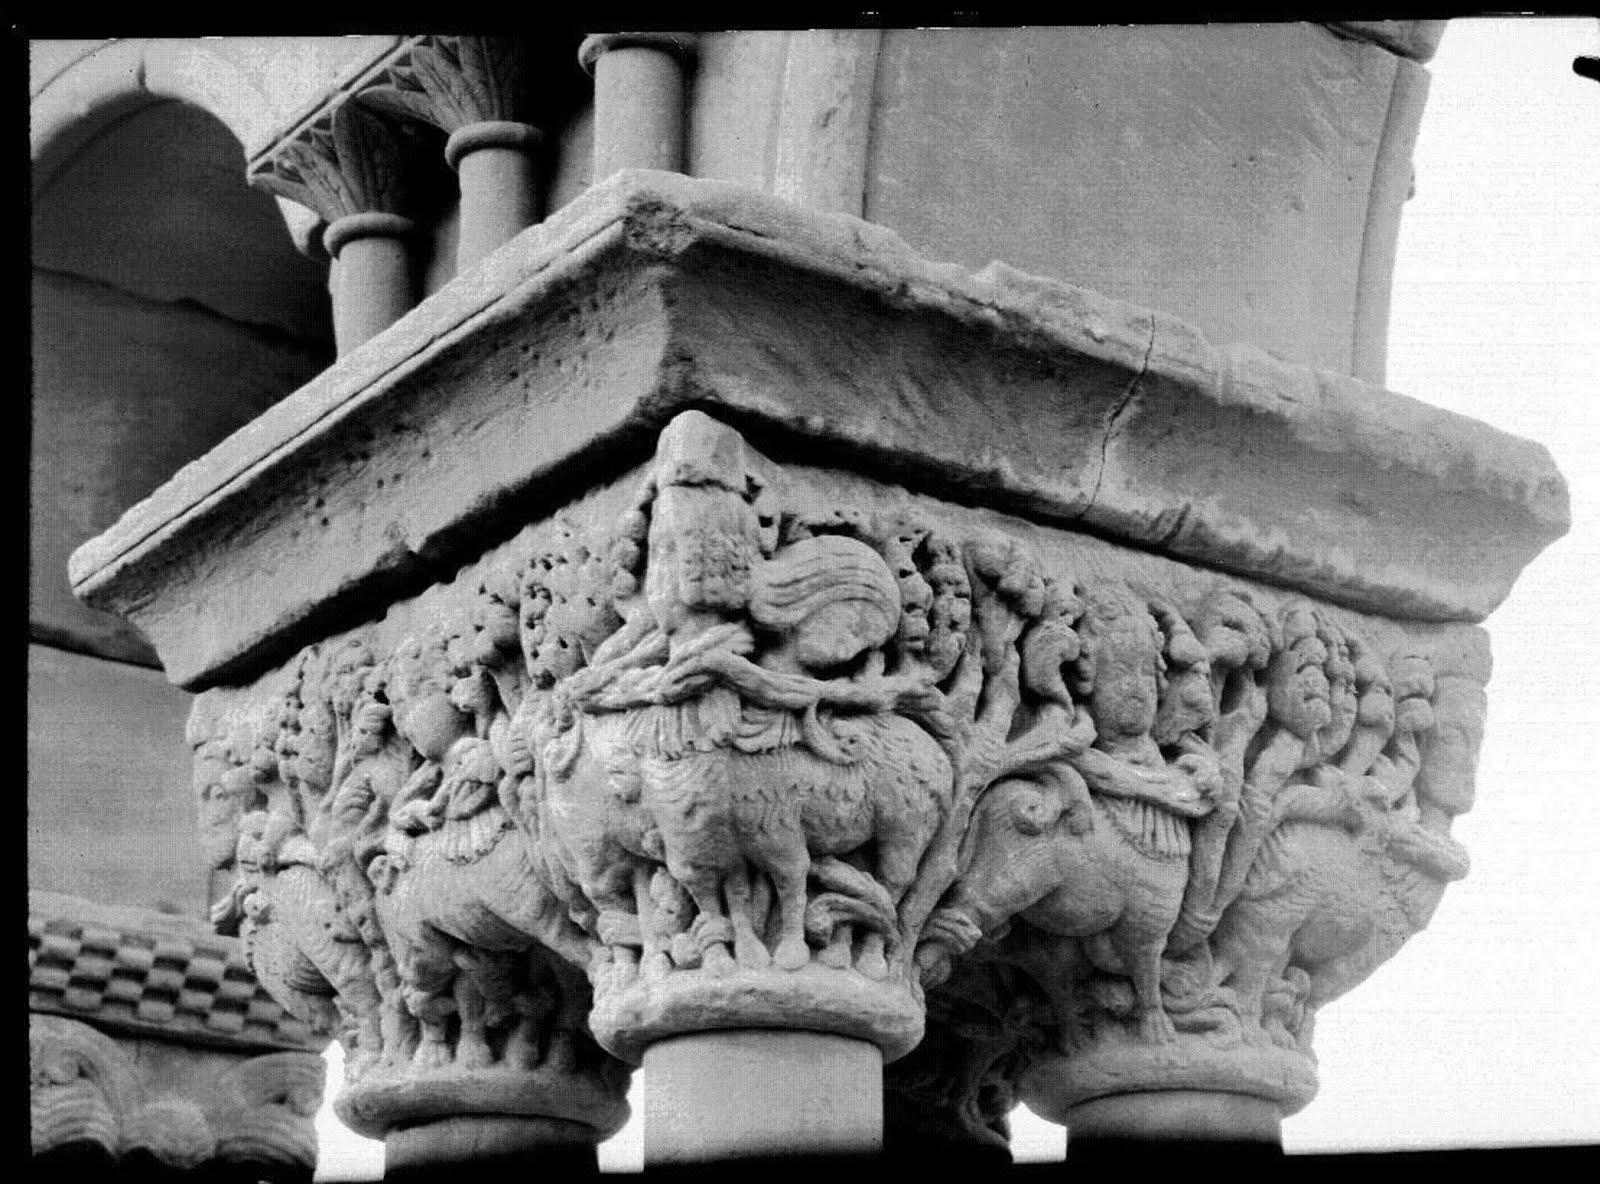 Capitel cuadruple centauros